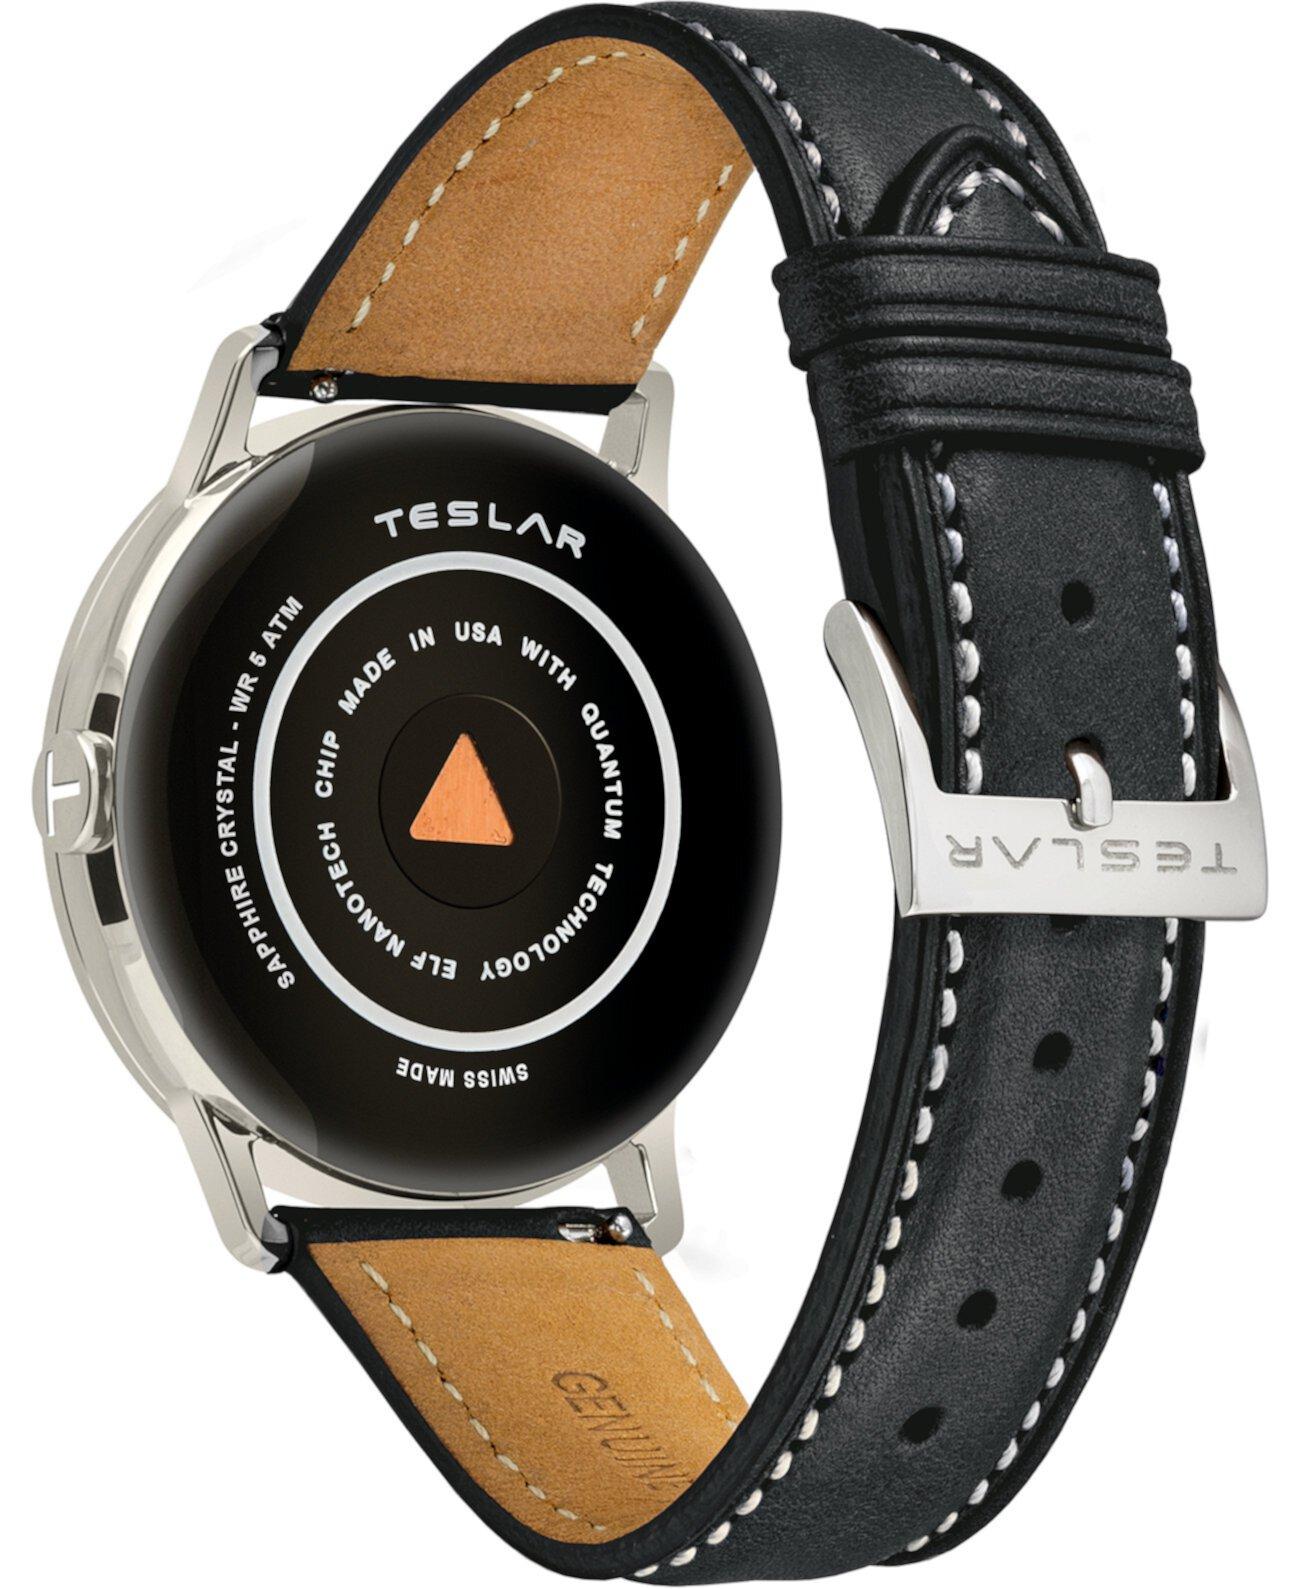 Мужские швейцарские часы Re-Balance T-1 с черным кожаным ремешком 40мм Teslar